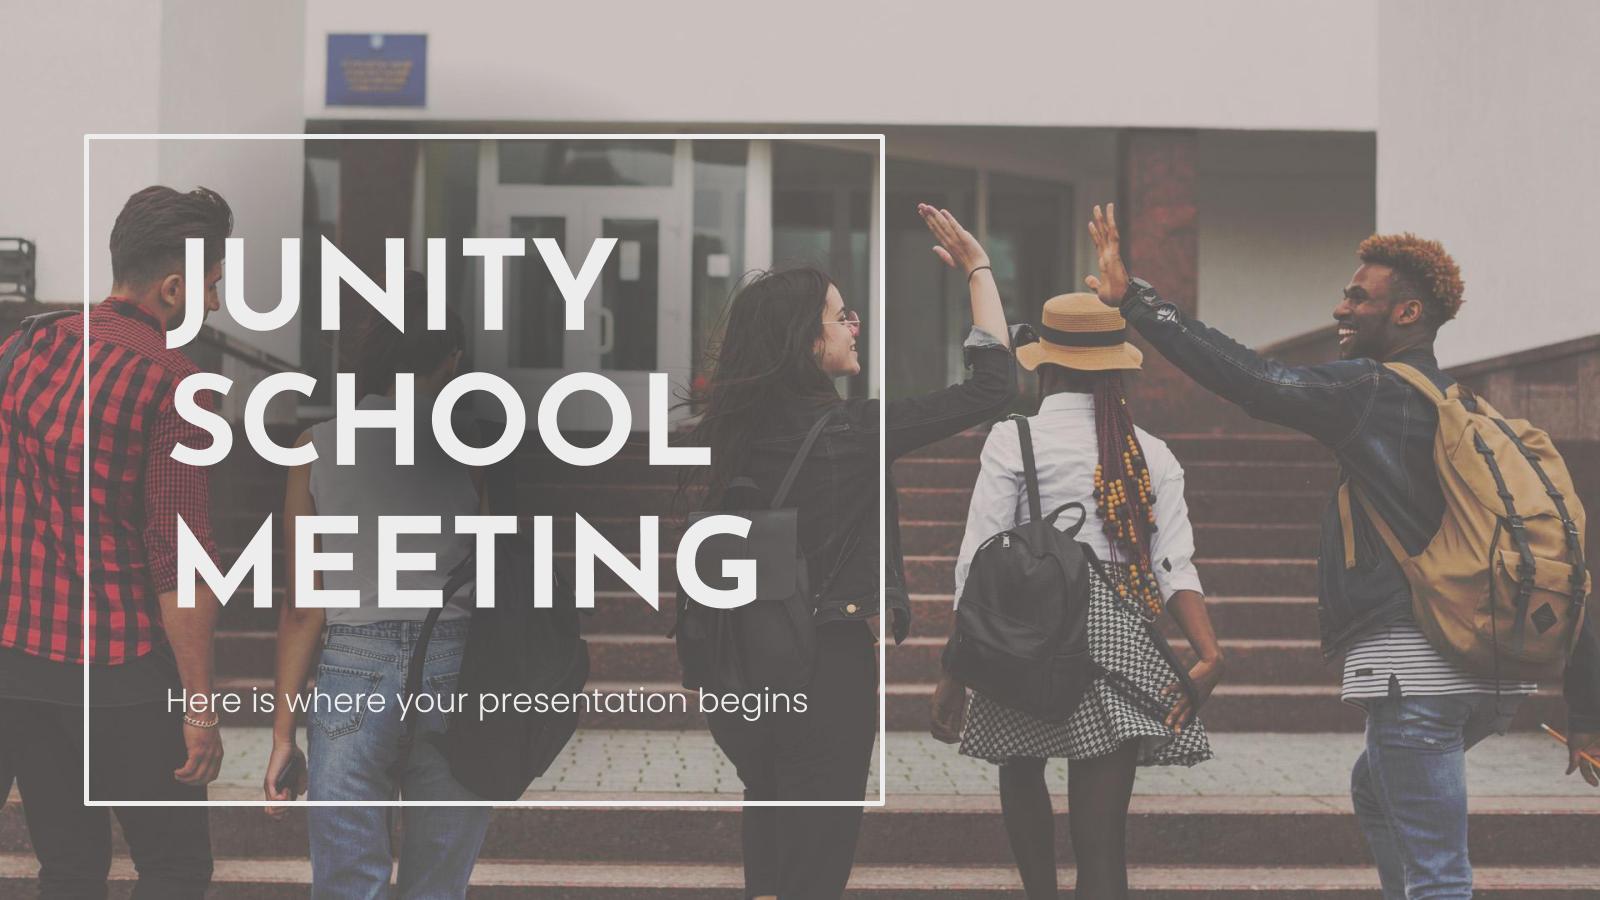 Modelo de apresentação Reunião escolar Junity